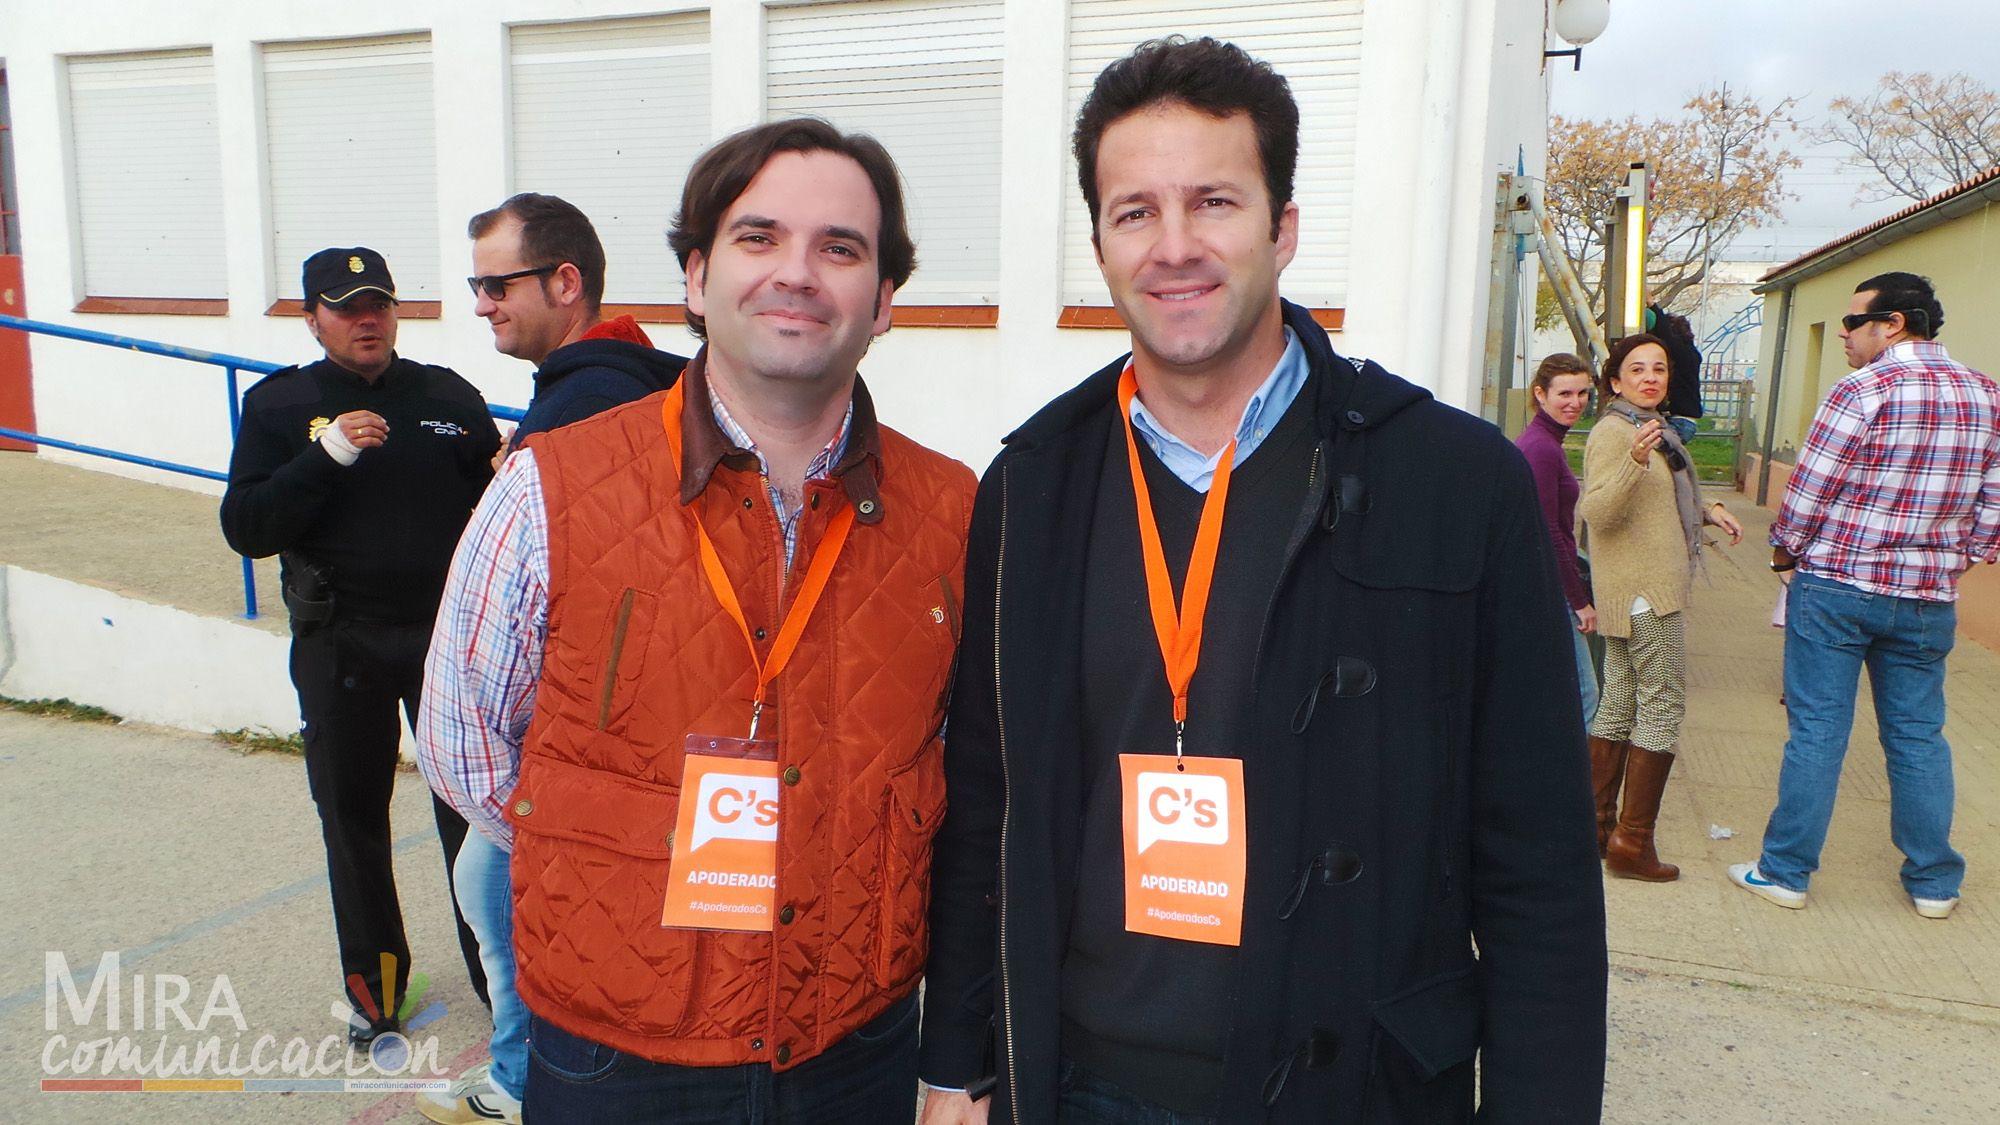 Los dos concejales de Ciudadanos en Jerez, Carlos Pérez y Mario Rosado, durante un momento de esta mañana en el colegio de la Barriada de San José Obrero.